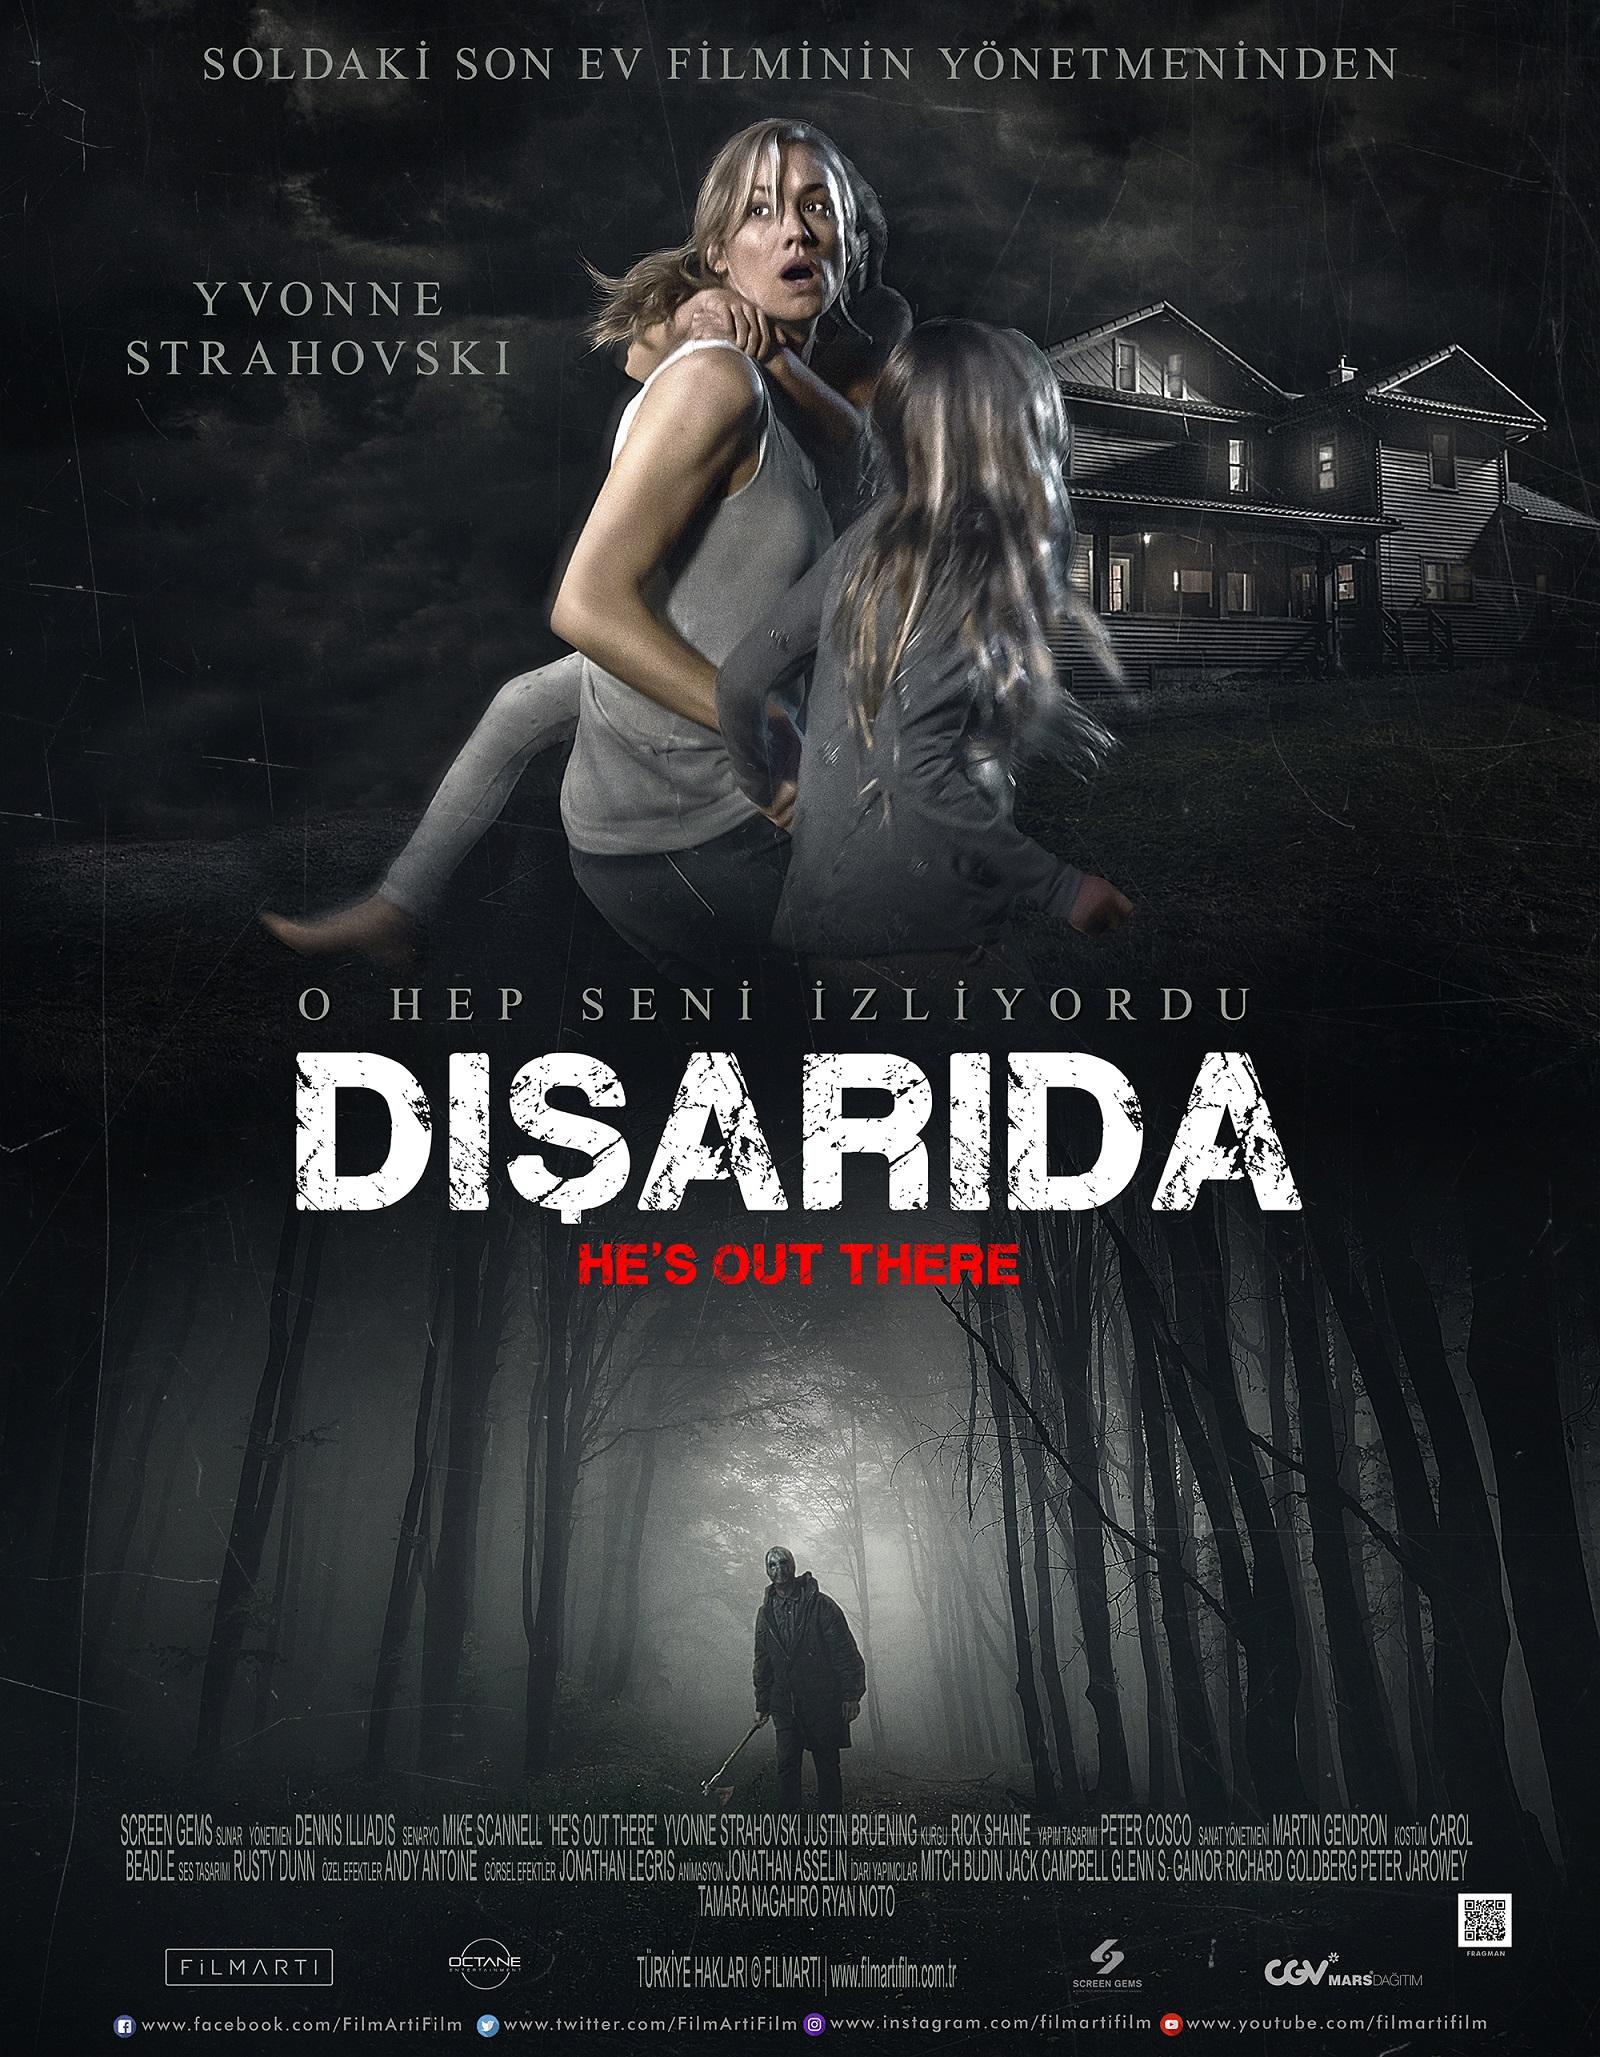 disardaweb